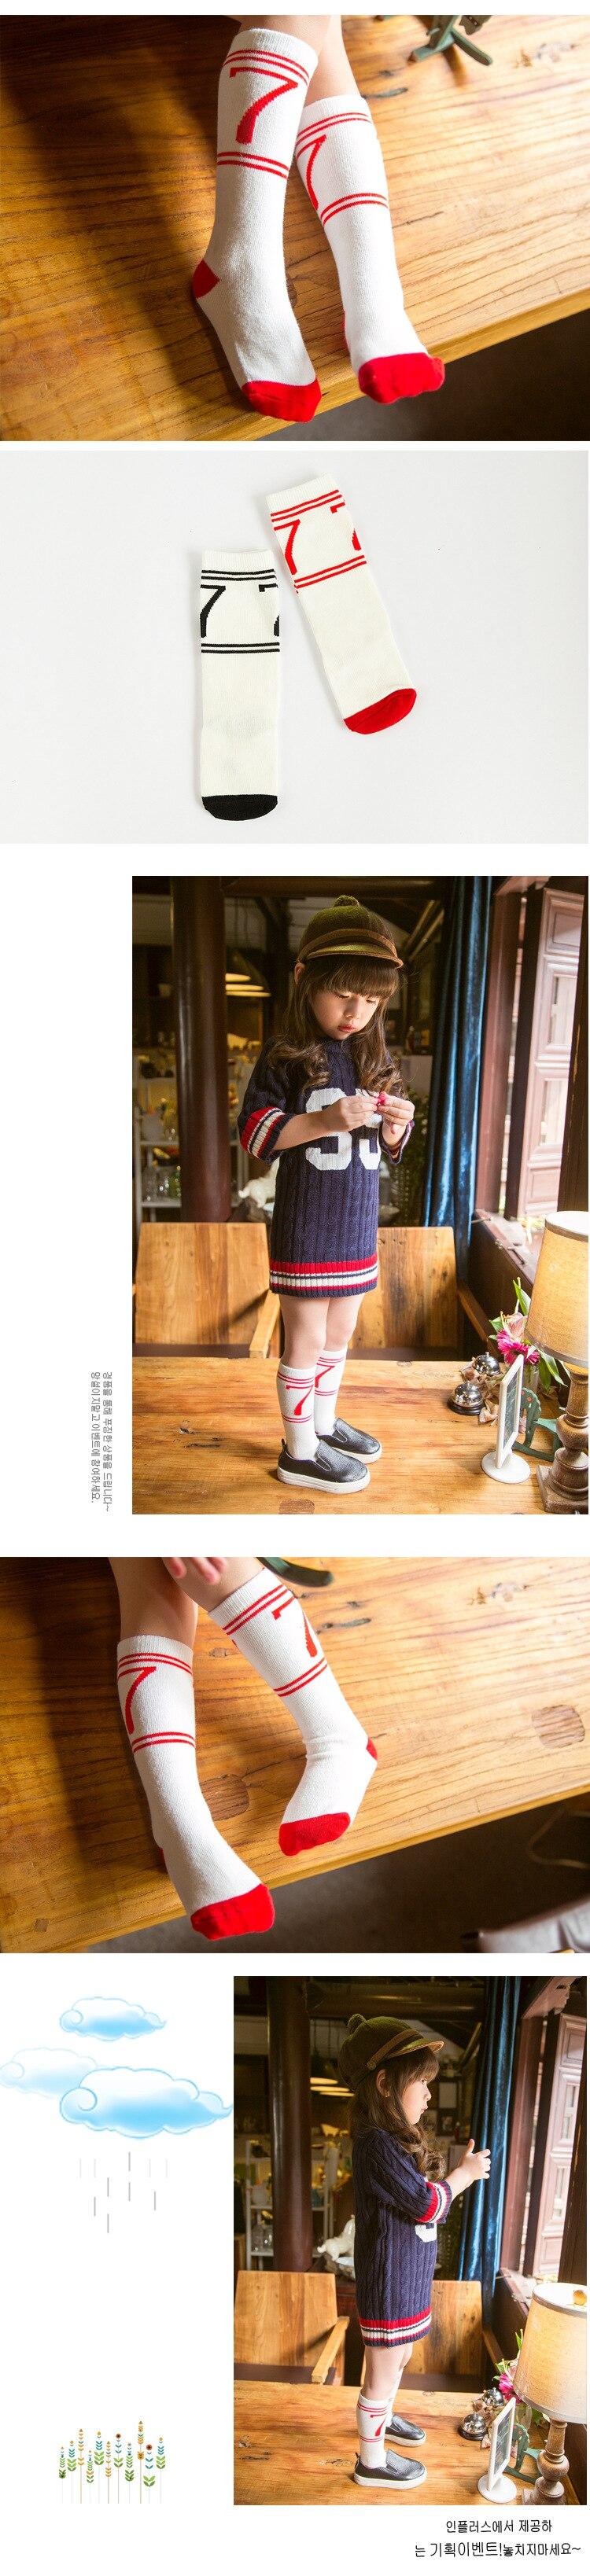 Kids Knee High Socks Number Sport Children White Socks Girls Boys